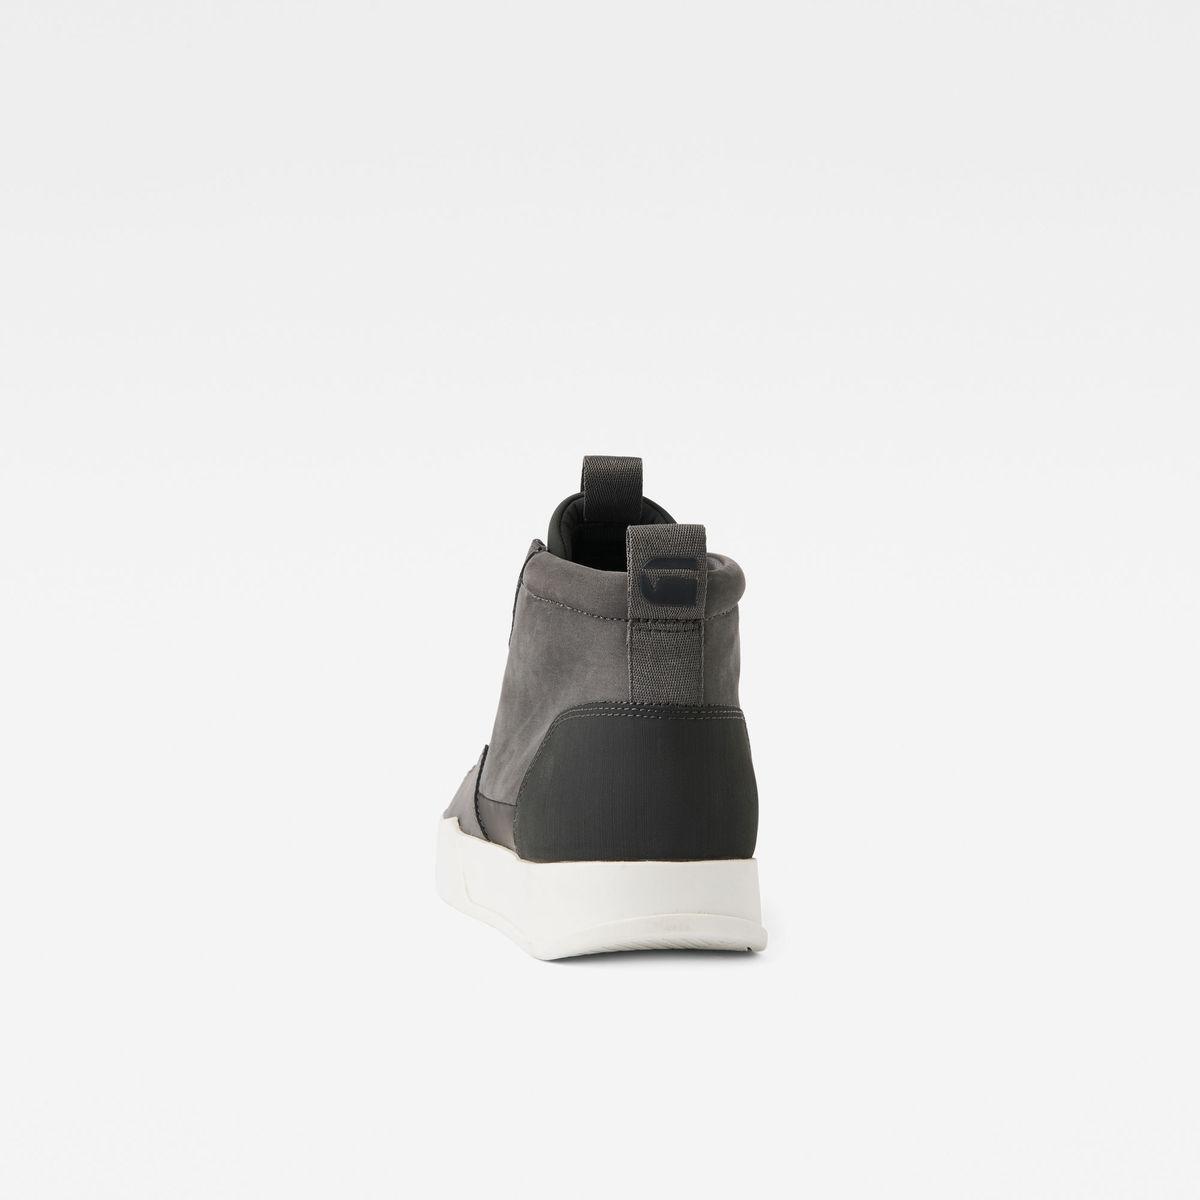 Bild 3 von Rackam Core Mid Sneakers